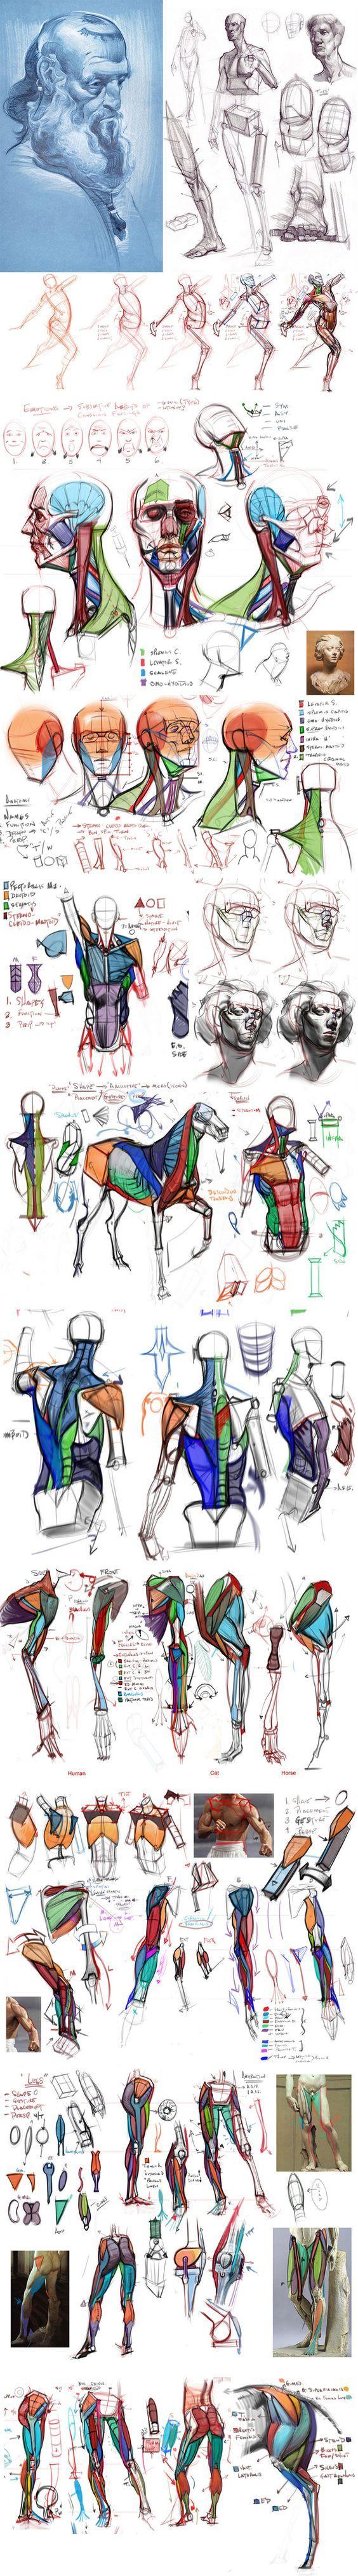 Anatomia:   Dibuix   Pinterest   Anatomía, Dibujo y Cuerpo